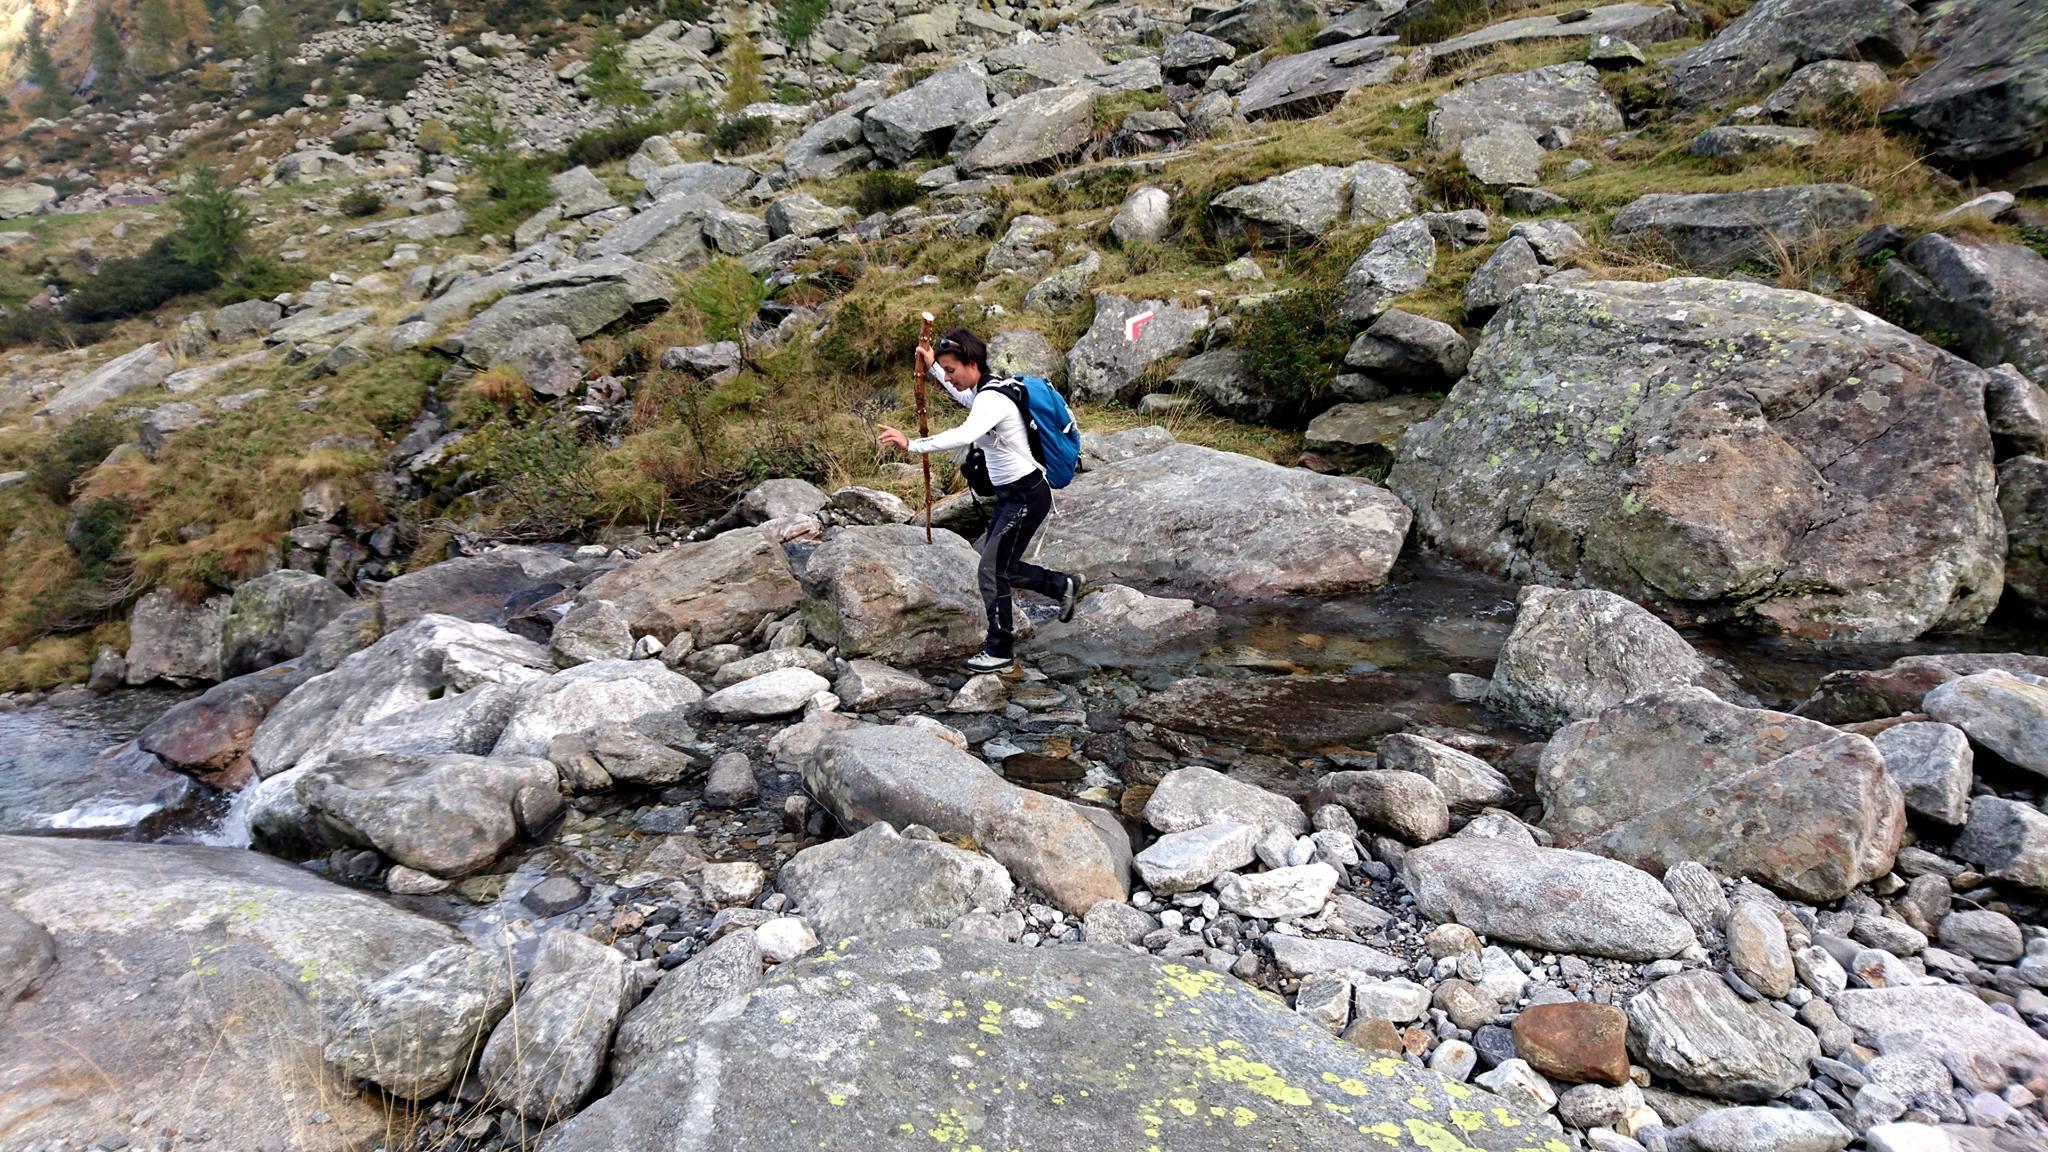 Erica guada il torrente con agilità dotata del suo bastone nuovo fiammante